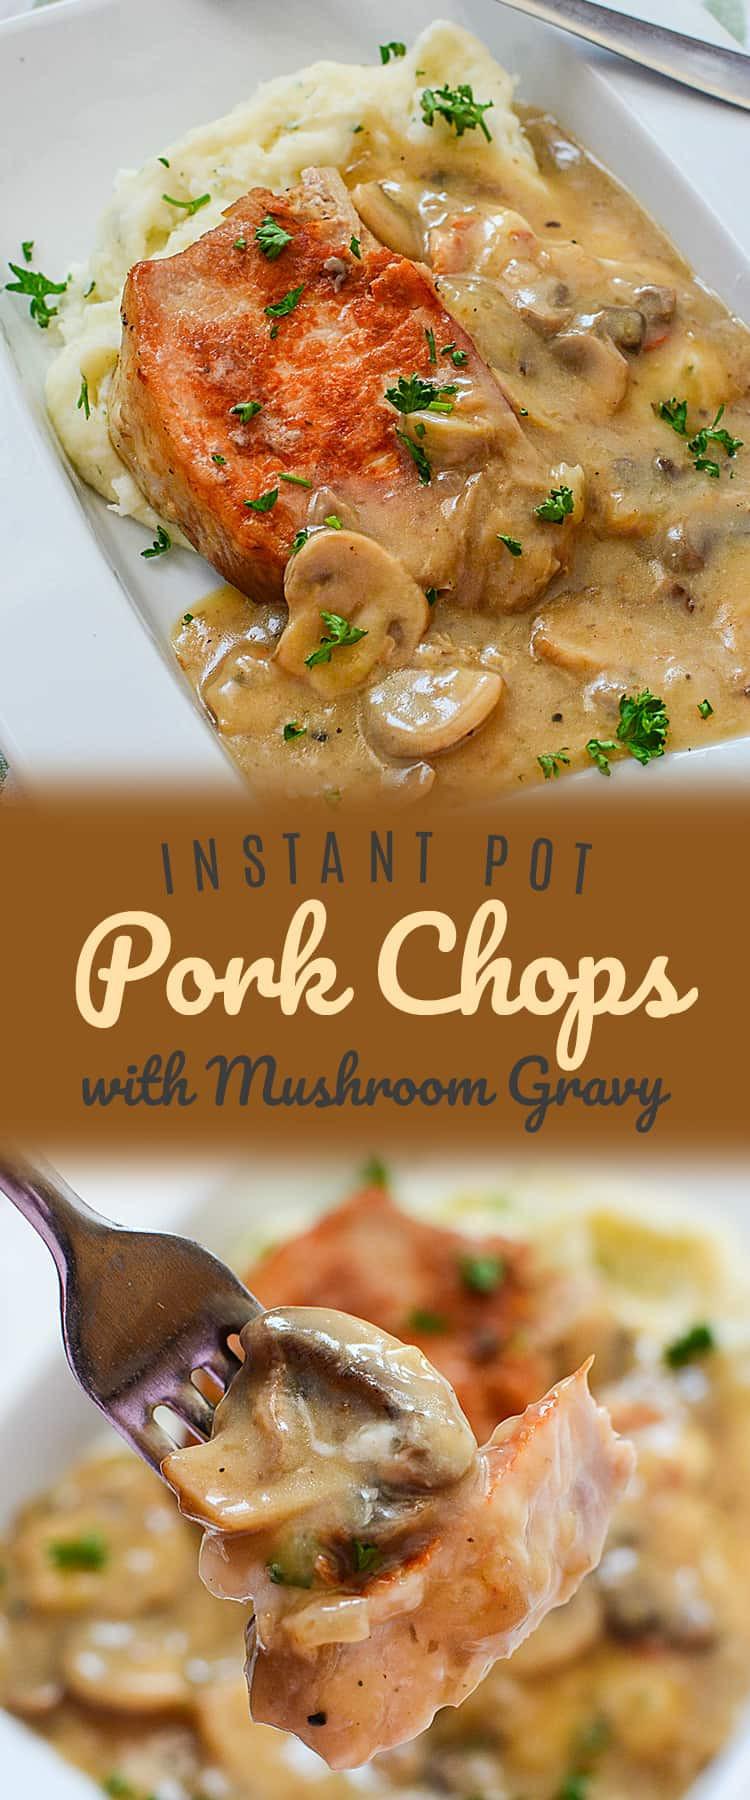 Pork Chops Instant Pot  Instant Pot Pork Chops with Mushroom Gravy